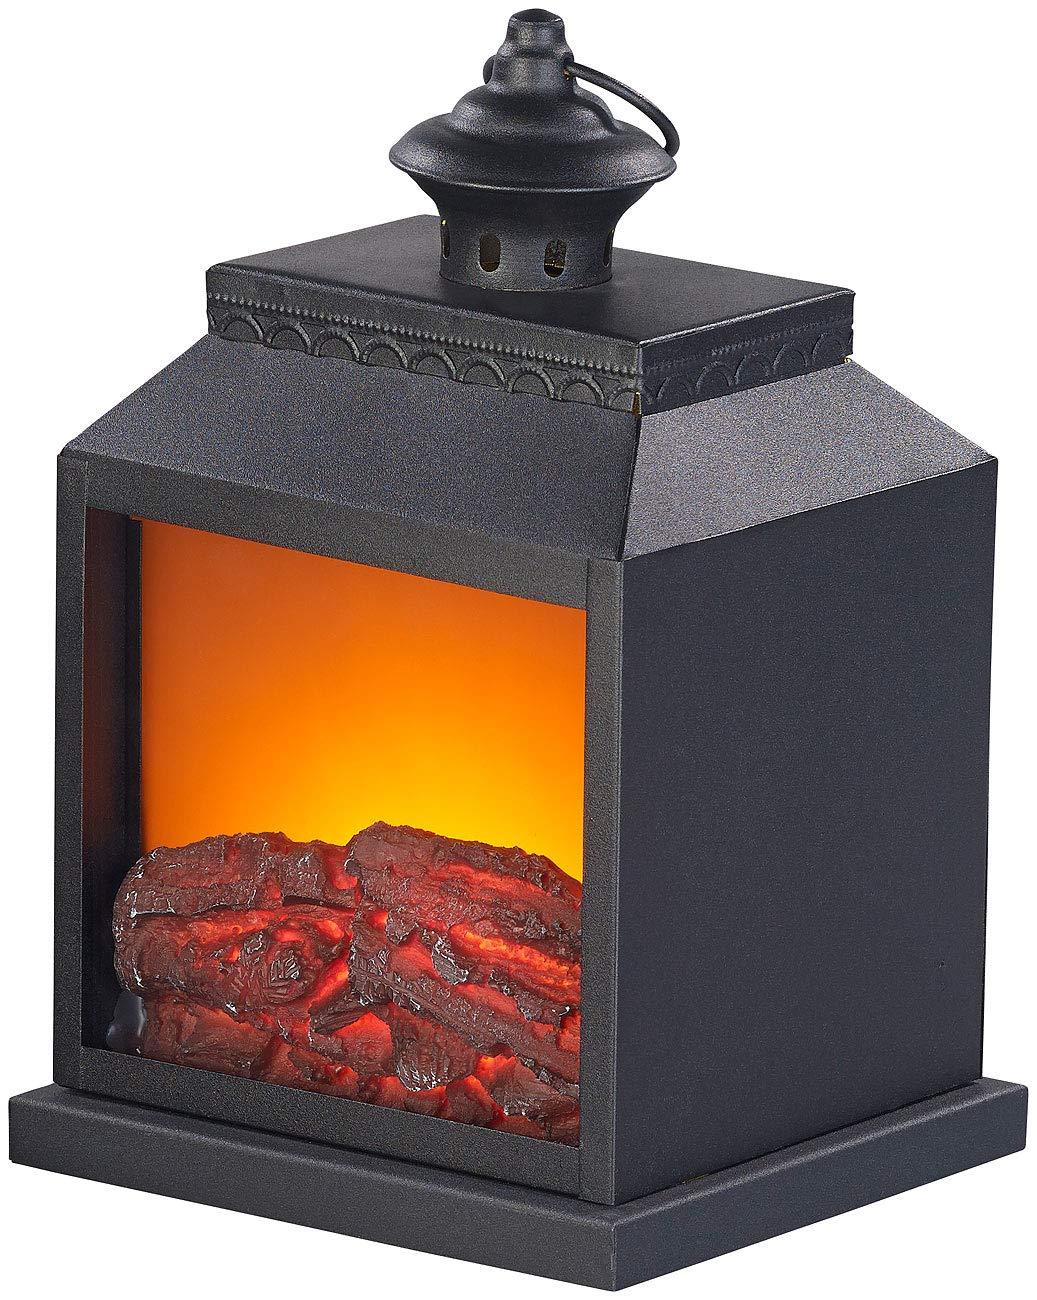 *Carlo Milano LED Kaminfeuer: Elektro-Deko-Kamin mit Echtflammen-Optik, Batterie-Betrieb, 27 cm Höhe (Indoorkamin)*